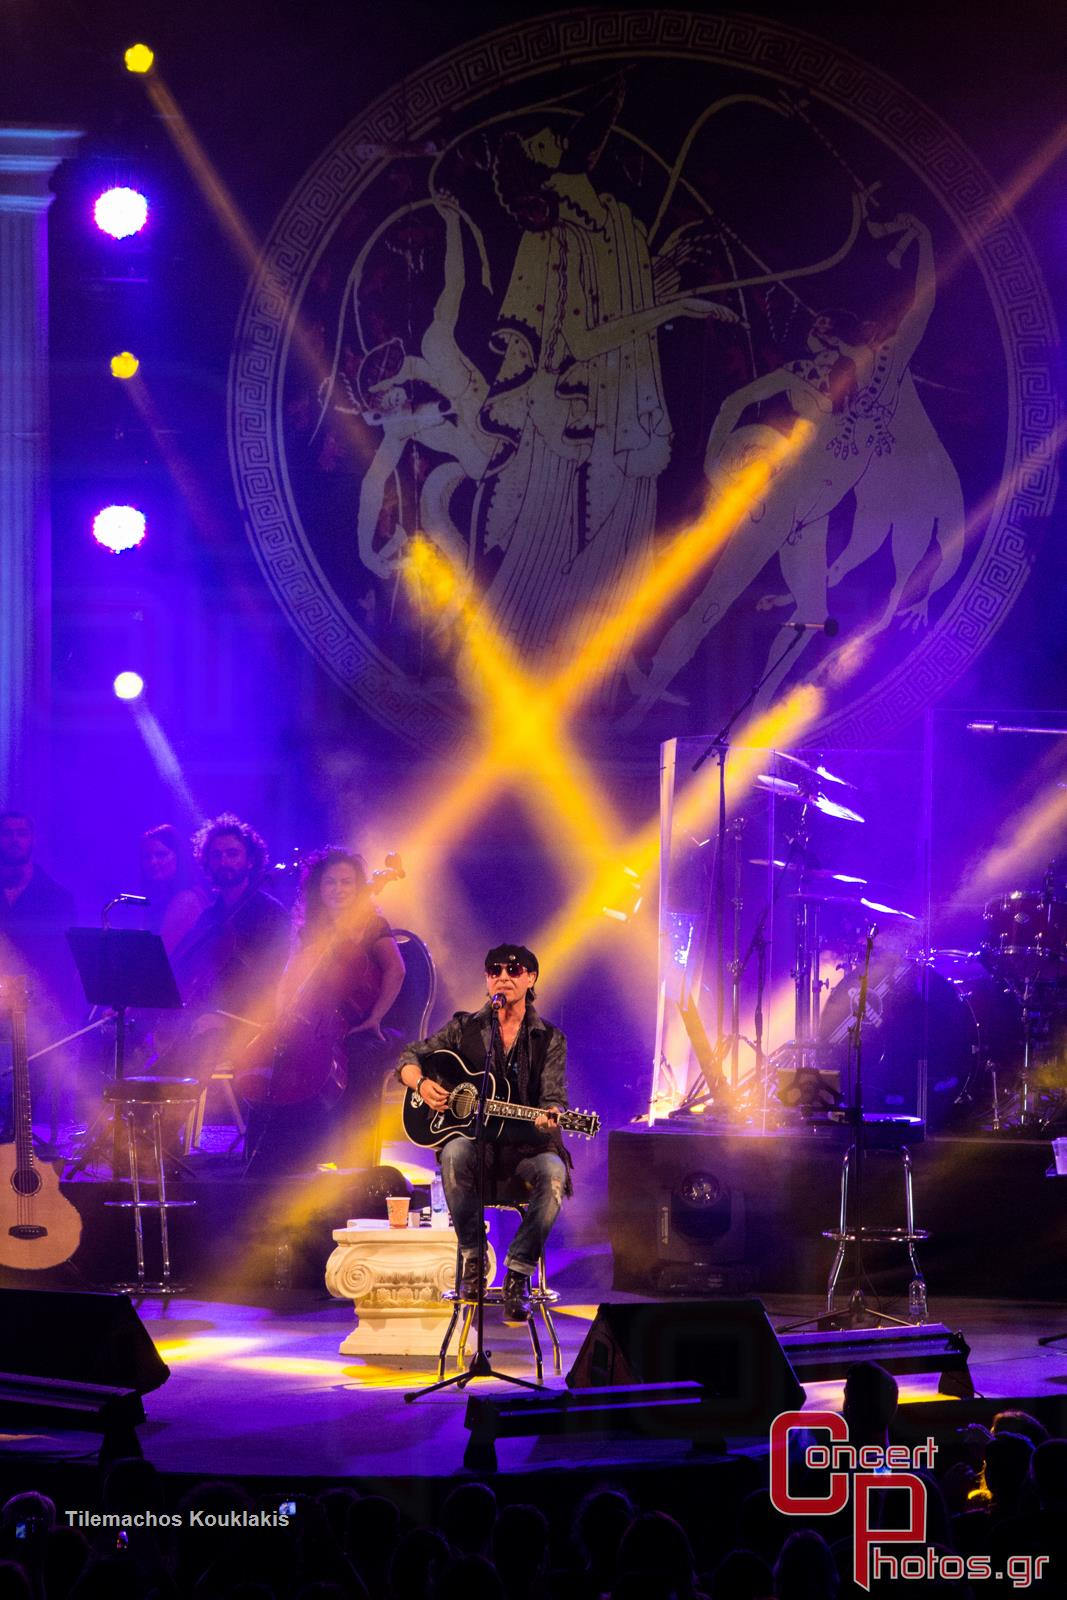 Scorpions-Scorpions photographer: Tilemachos Kouklakis - concertphotos_-6904